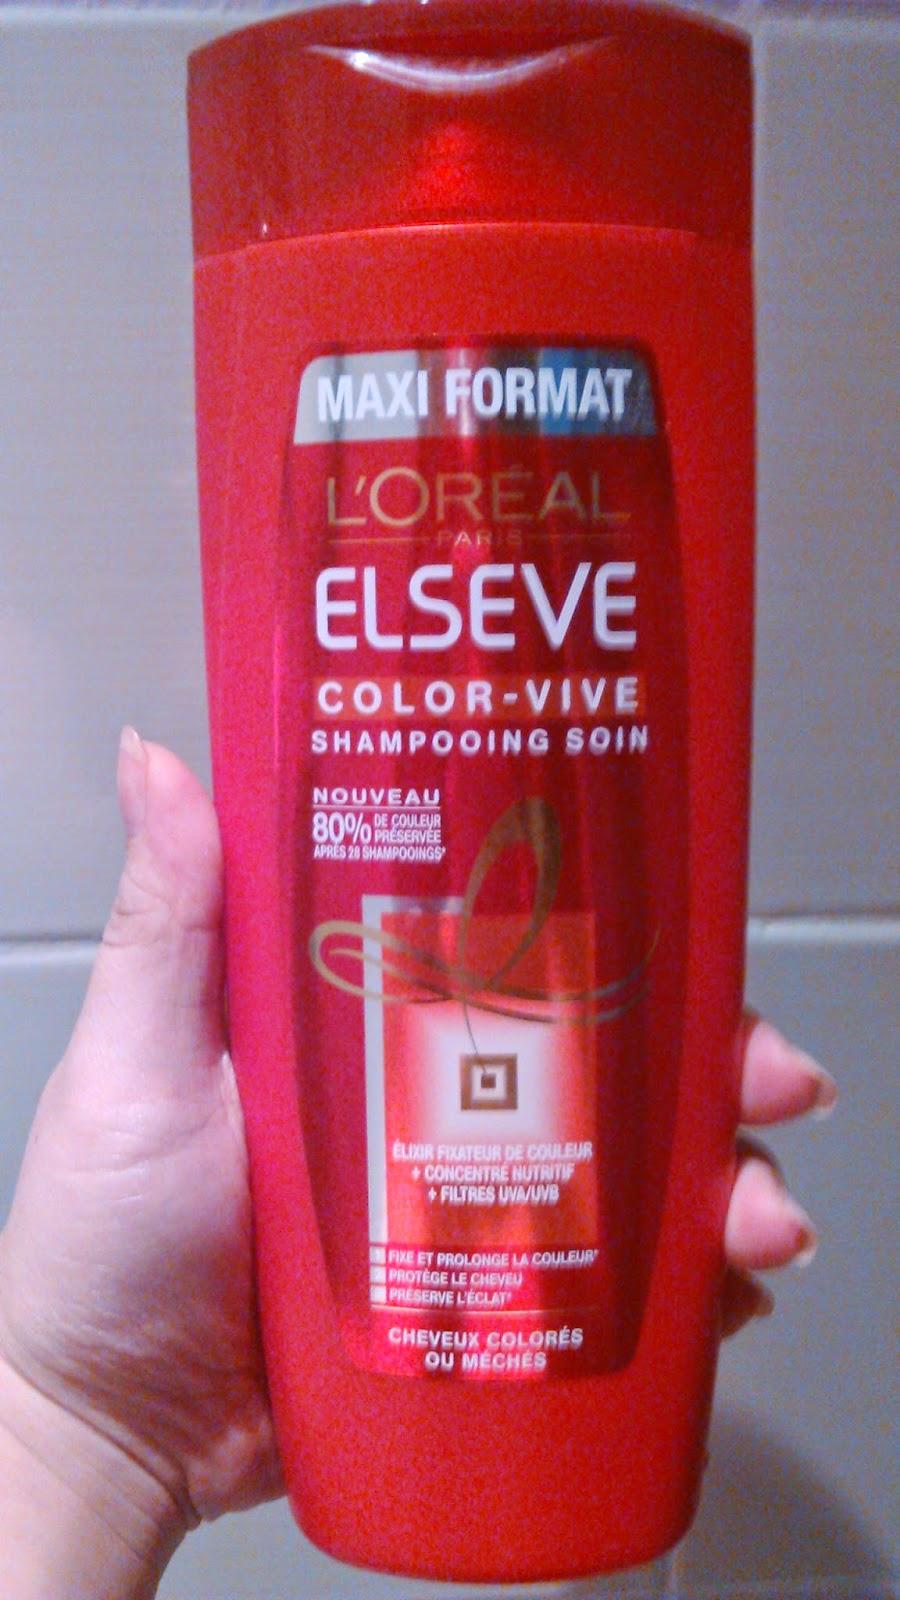 ensuite il me fallait une pigmentation rouge pour raviver la belle coloration l cest un peu plus compliqu - Shampoing Colorant Rouge